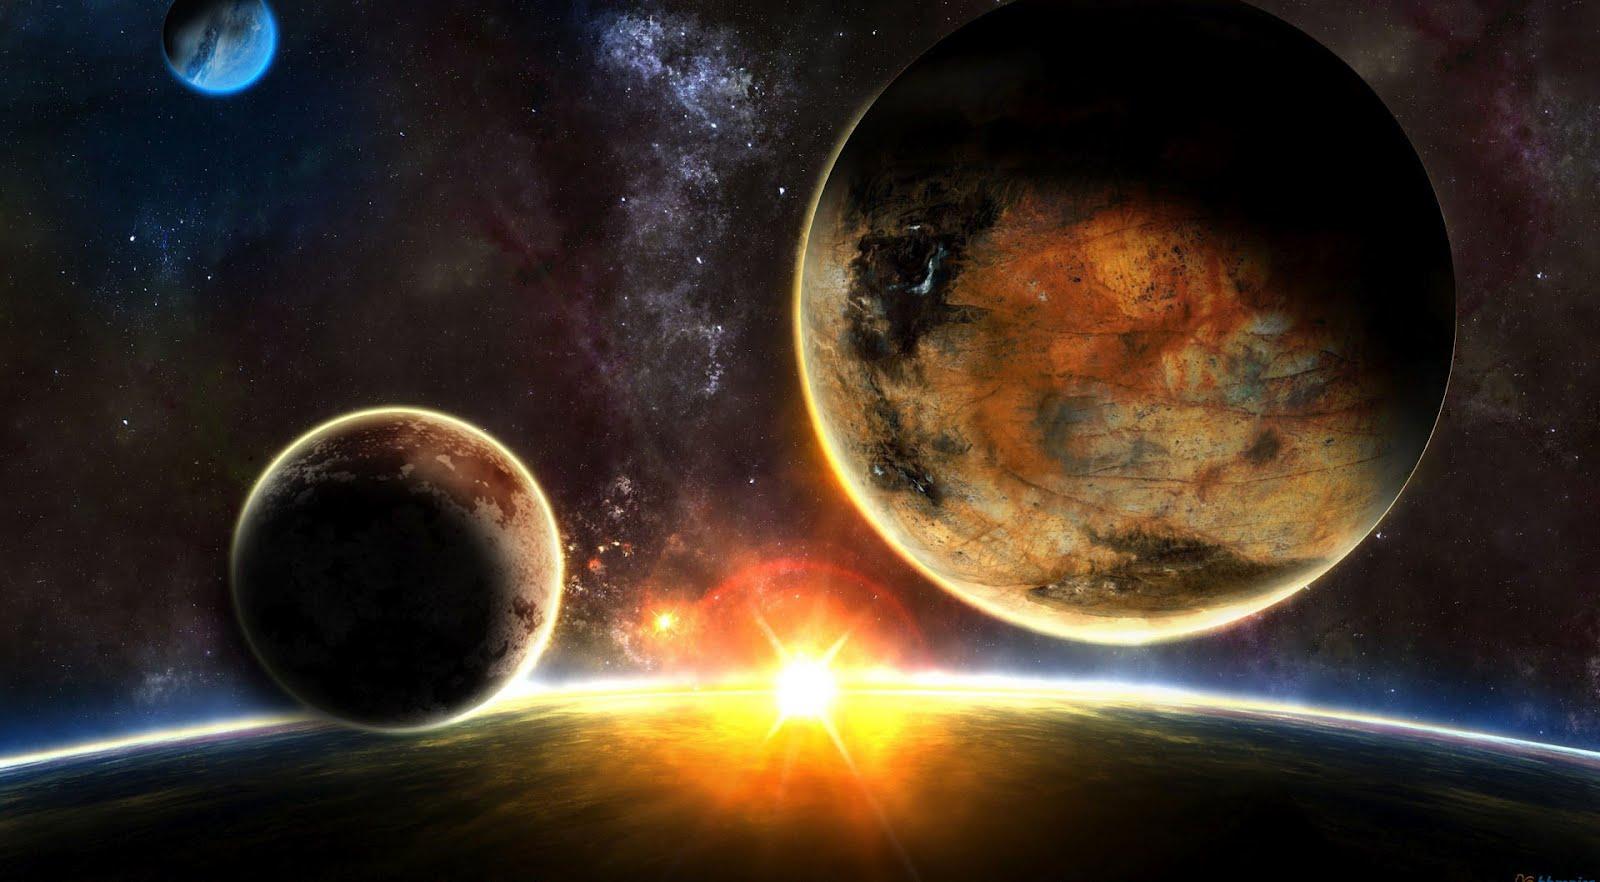 http://3.bp.blogspot.com/-l9BvkBe9w5o/T4cUvb2kOxI/AAAAAAAAAio/RXRSaX9JRnQ/s1600/space_sunrise.jpg